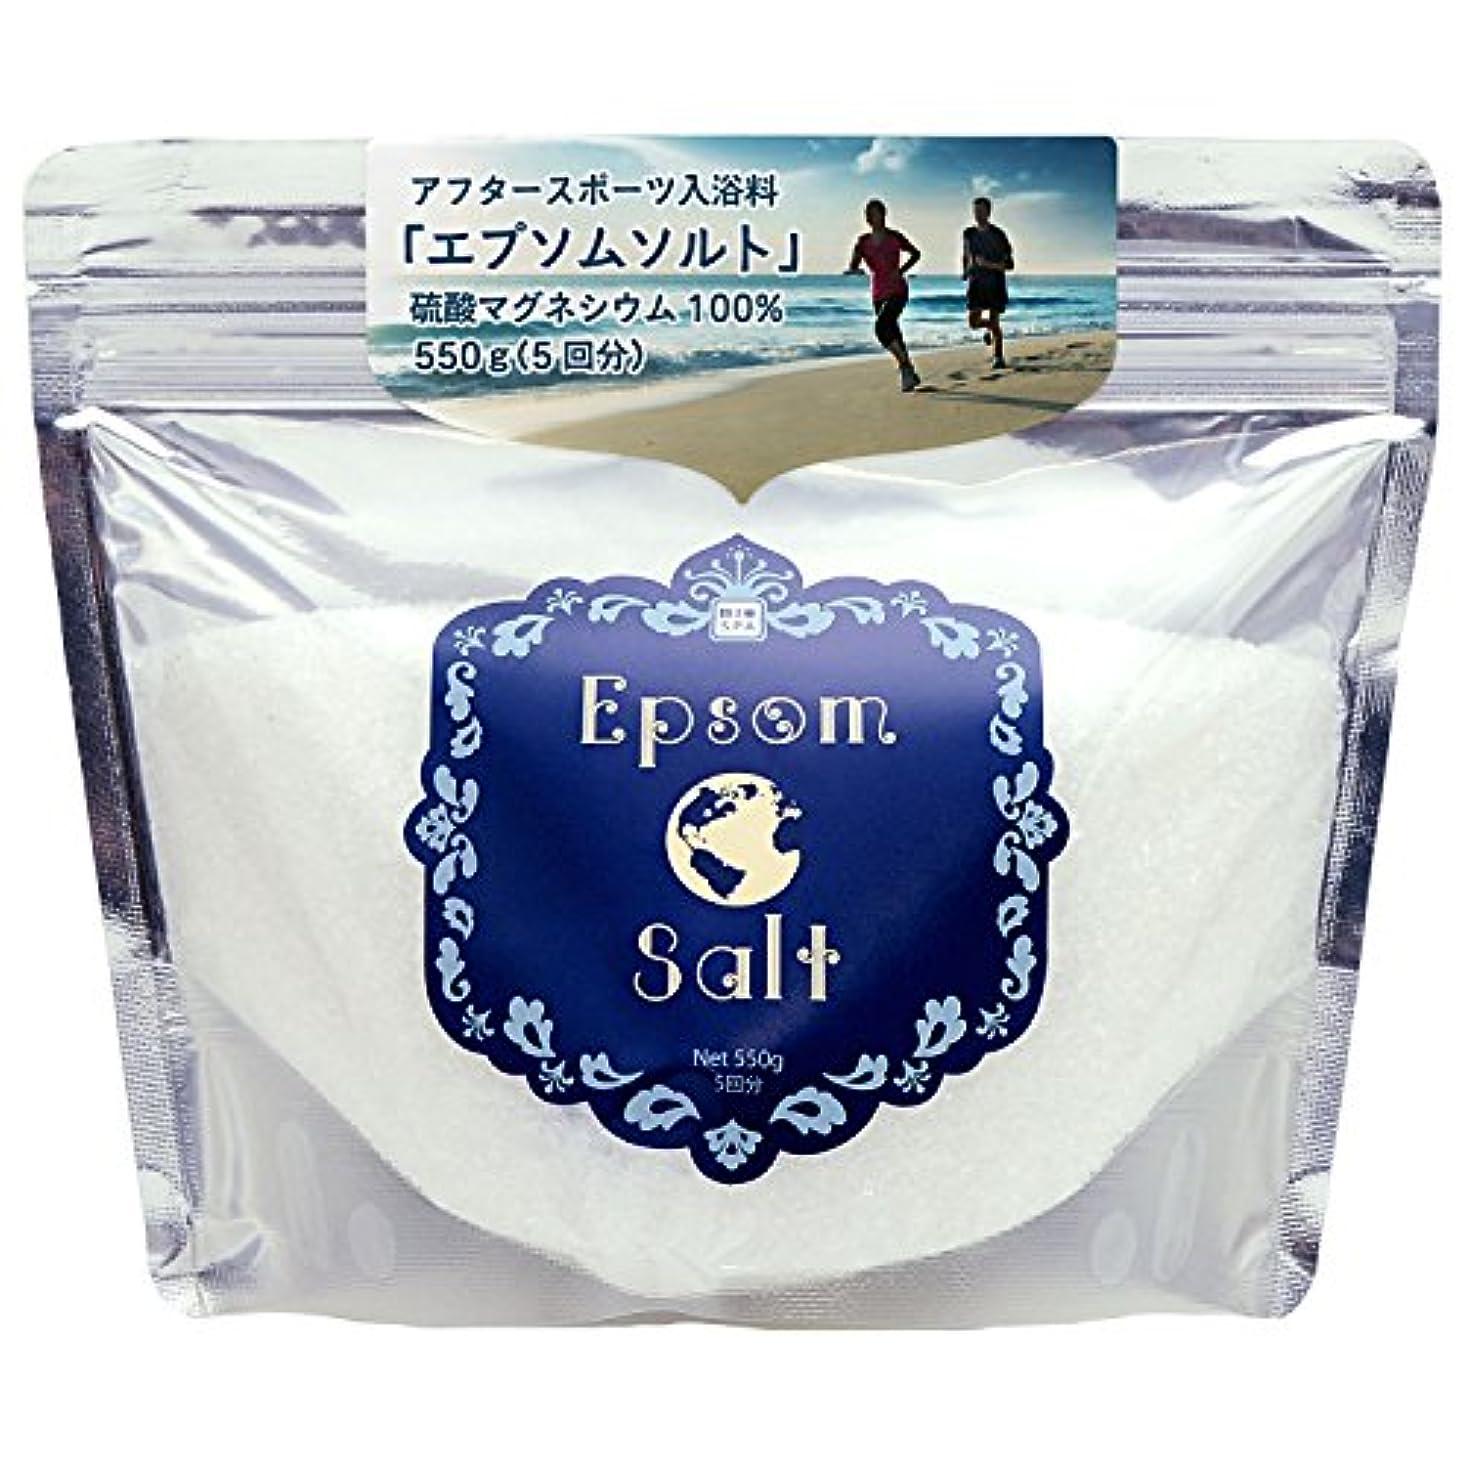 結婚式質量残酷なBIOSPA(ビオスパ) 入浴剤 エプソムソルト スポーツエディション 550g 約5回分 軽量スプーン付 EBS402